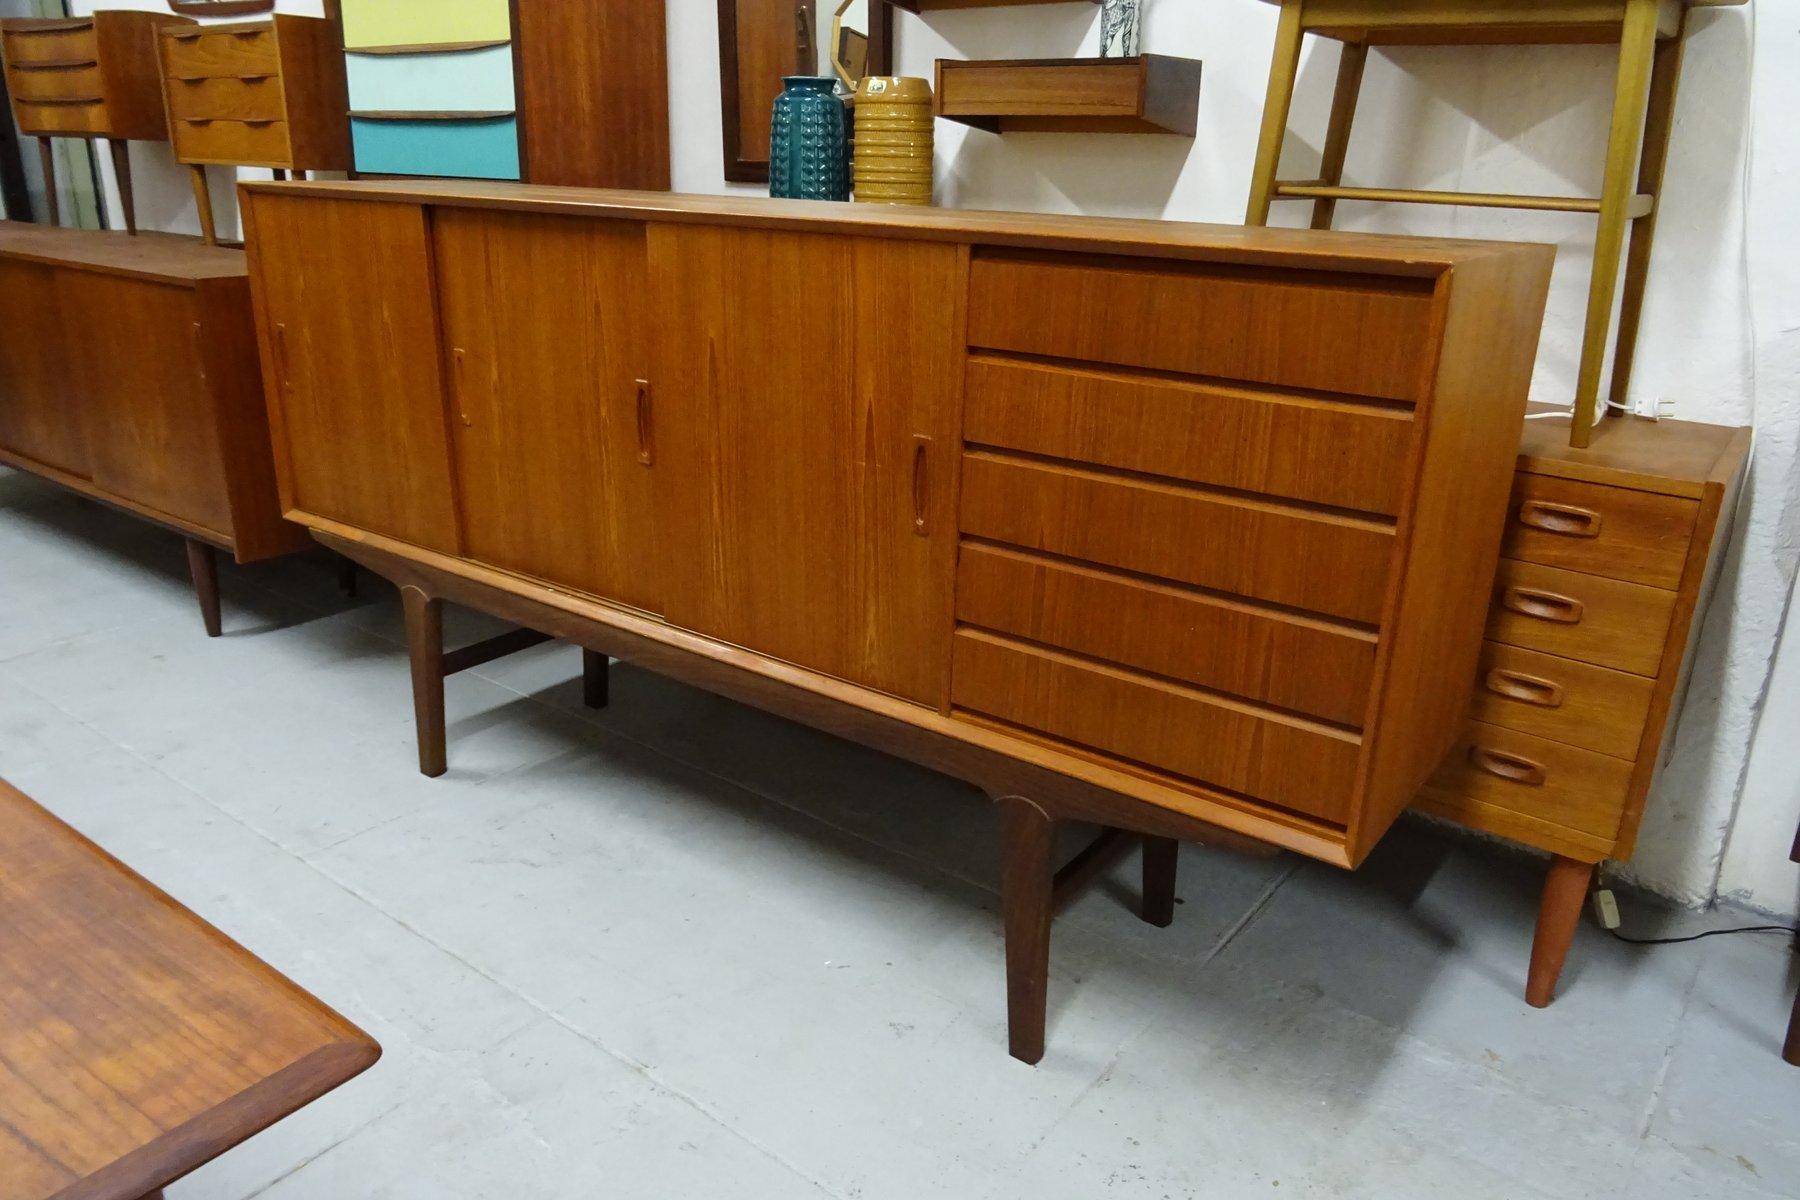 vintage sideboard mit schubladen aus teak bei pamono kaufen. Black Bedroom Furniture Sets. Home Design Ideas